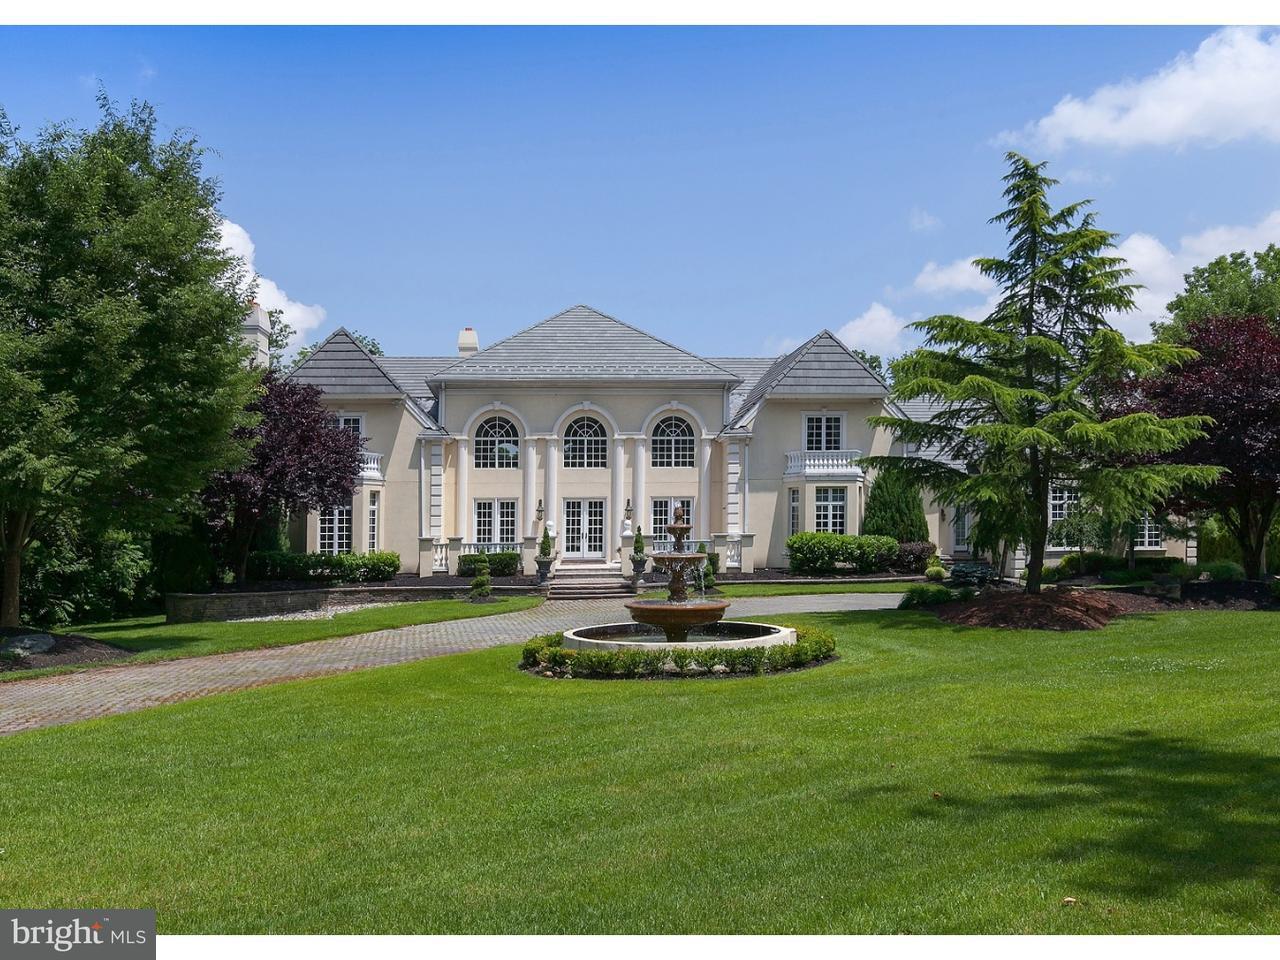 Maison unifamiliale pour l Vente à 224 MUNN Lane Cherry Hill, New Jersey 08034 États-Unis